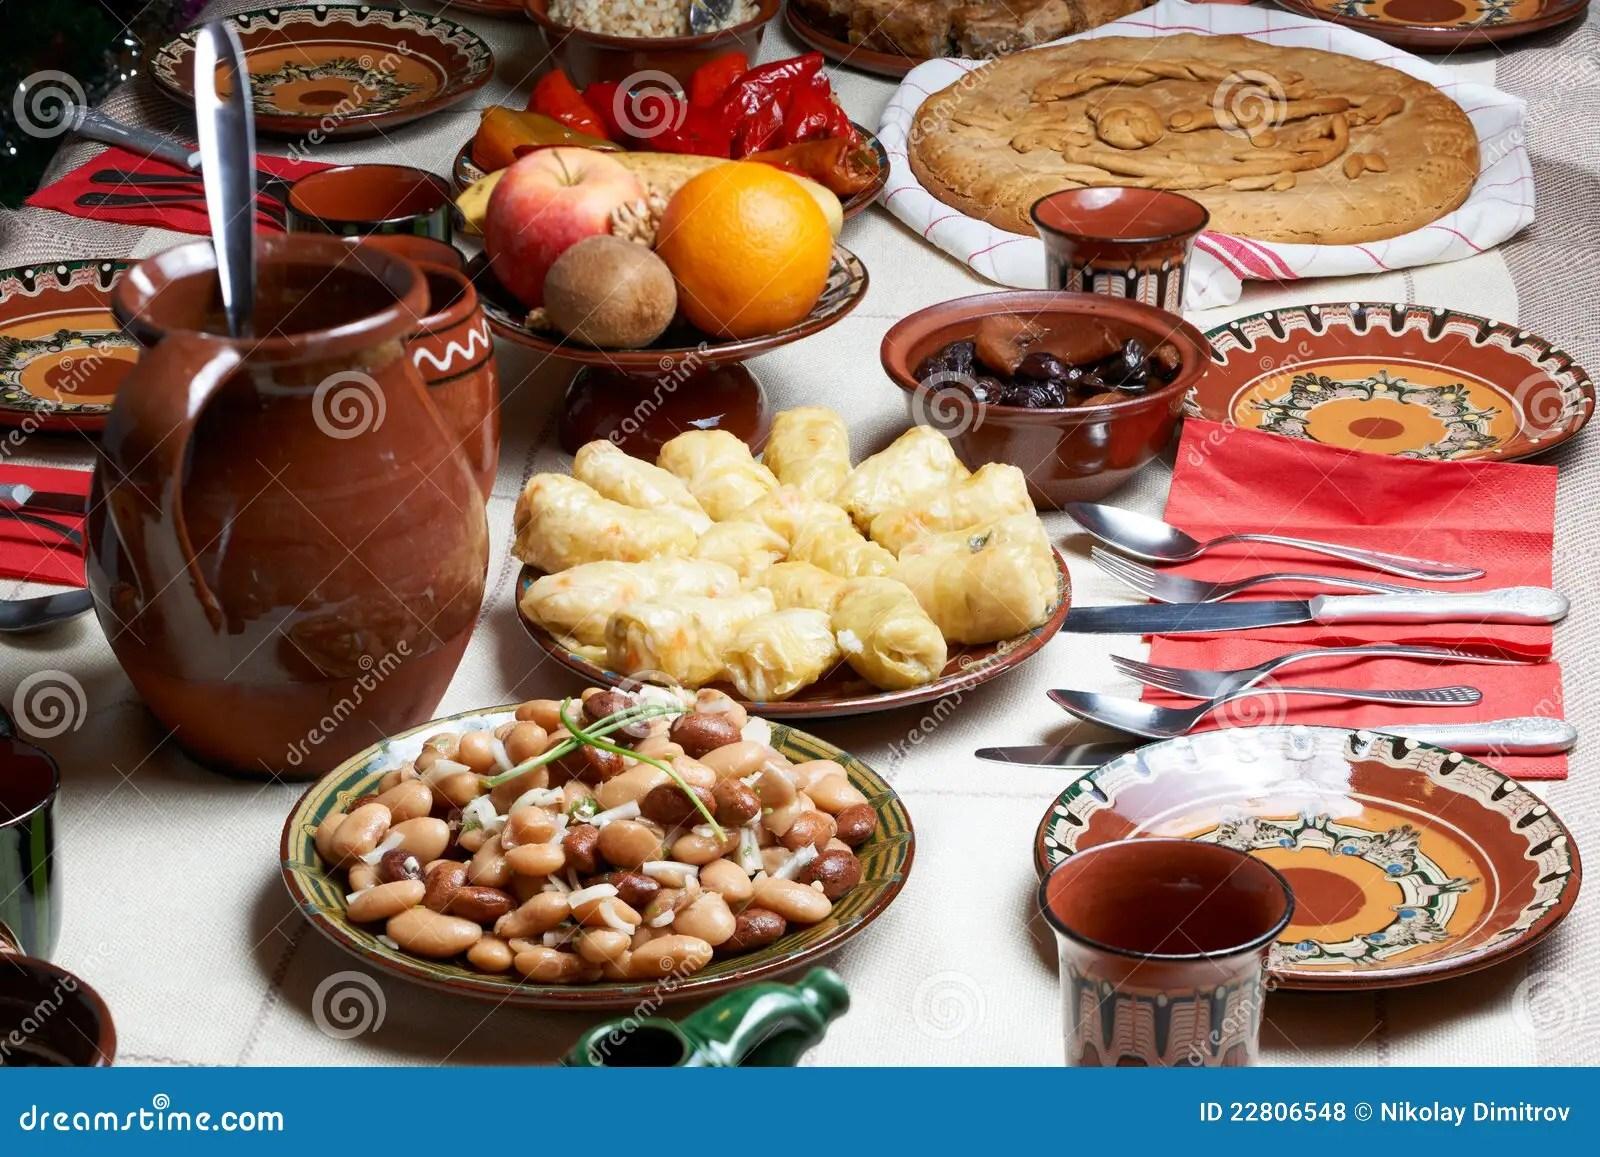 Traditional Bulgarian Christmas Food Stock Photo Image